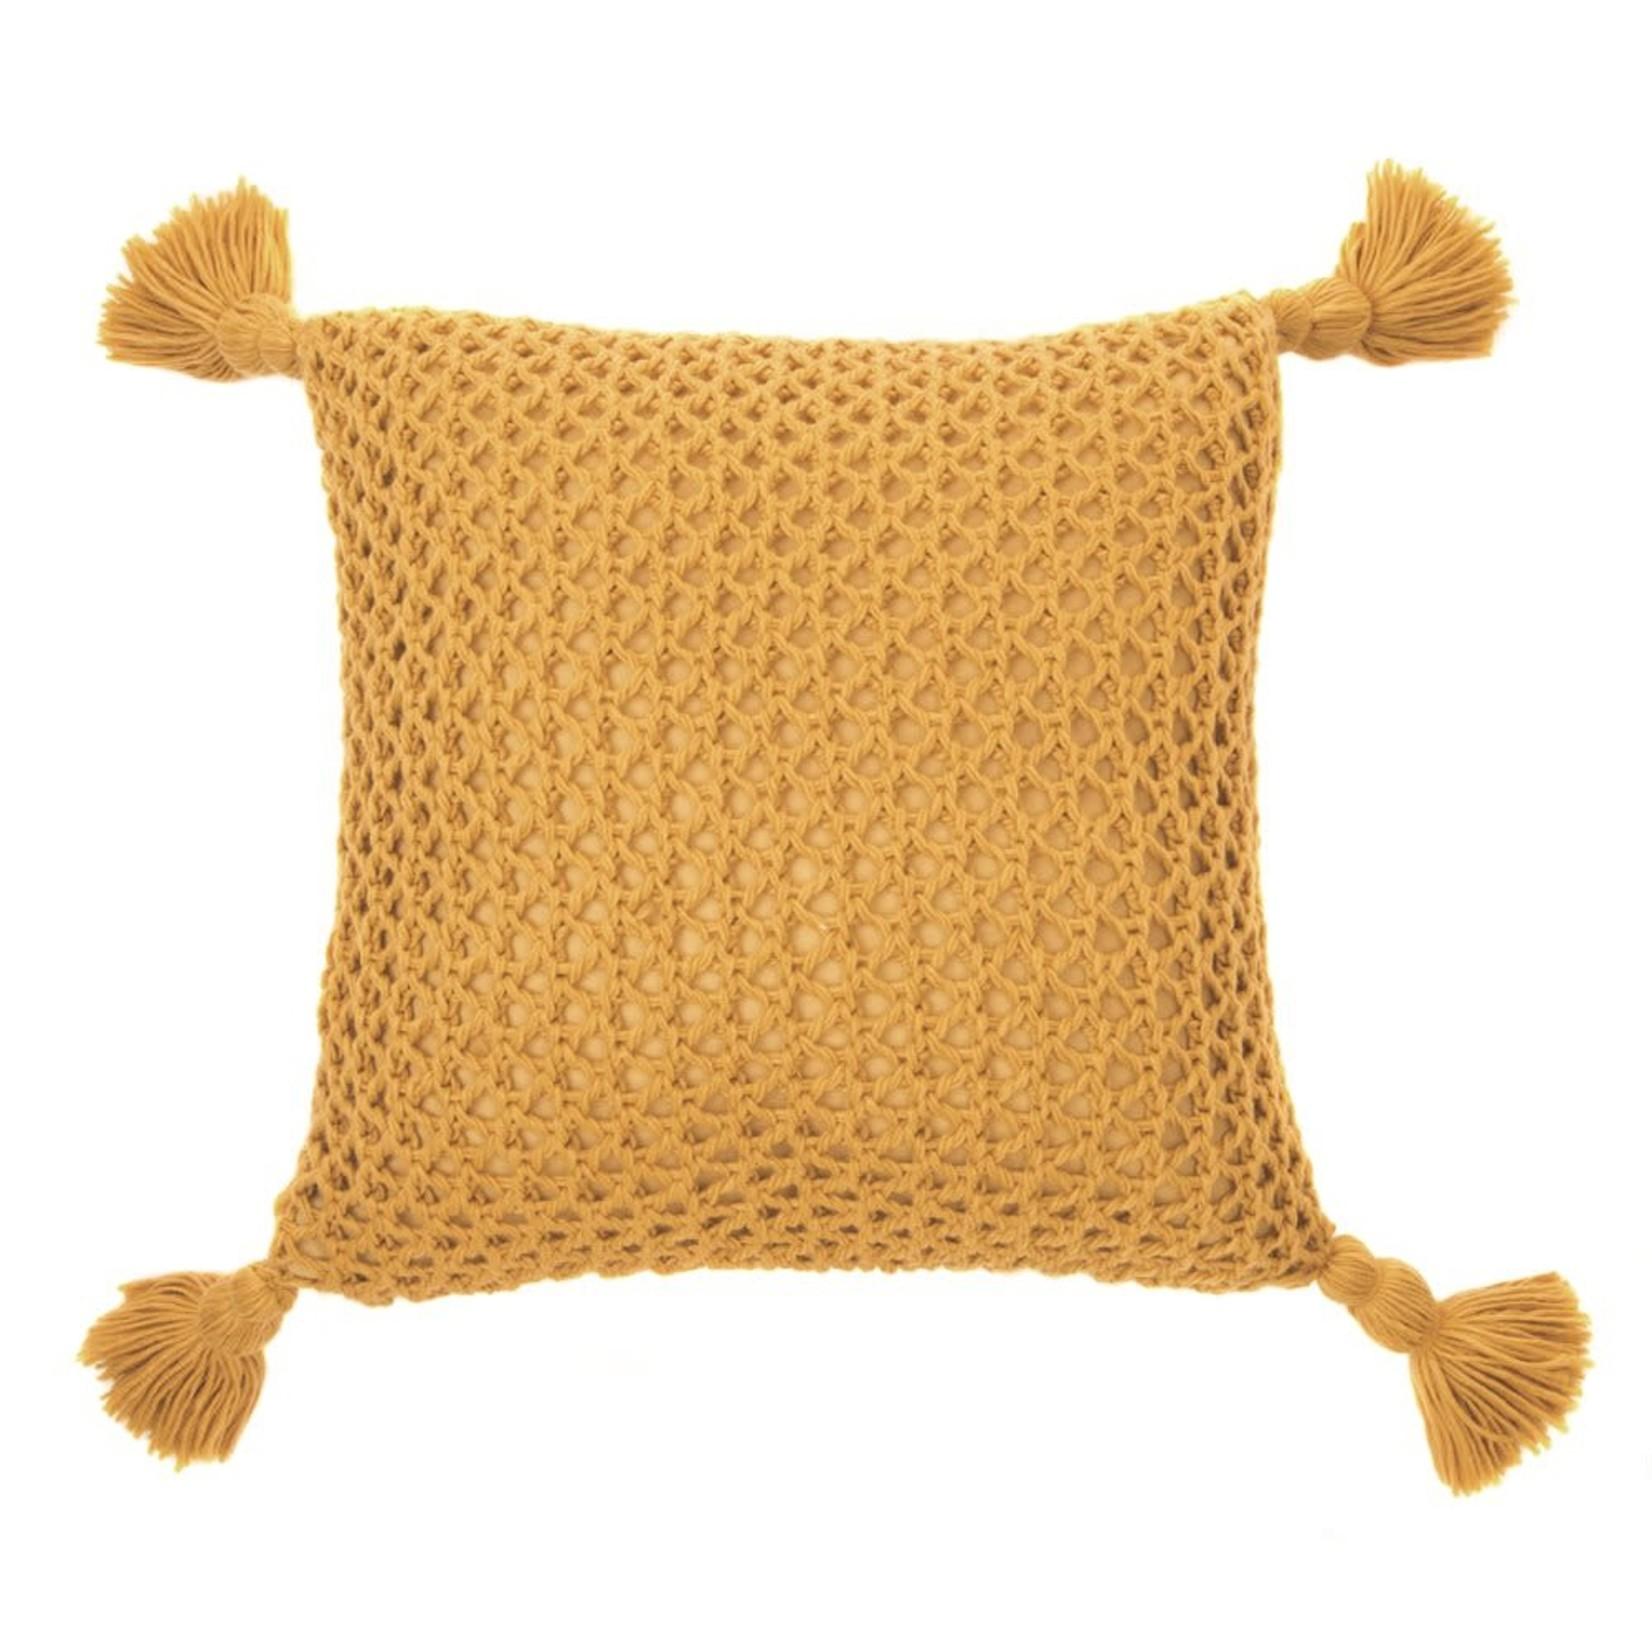 Shiva Mustard Cushion